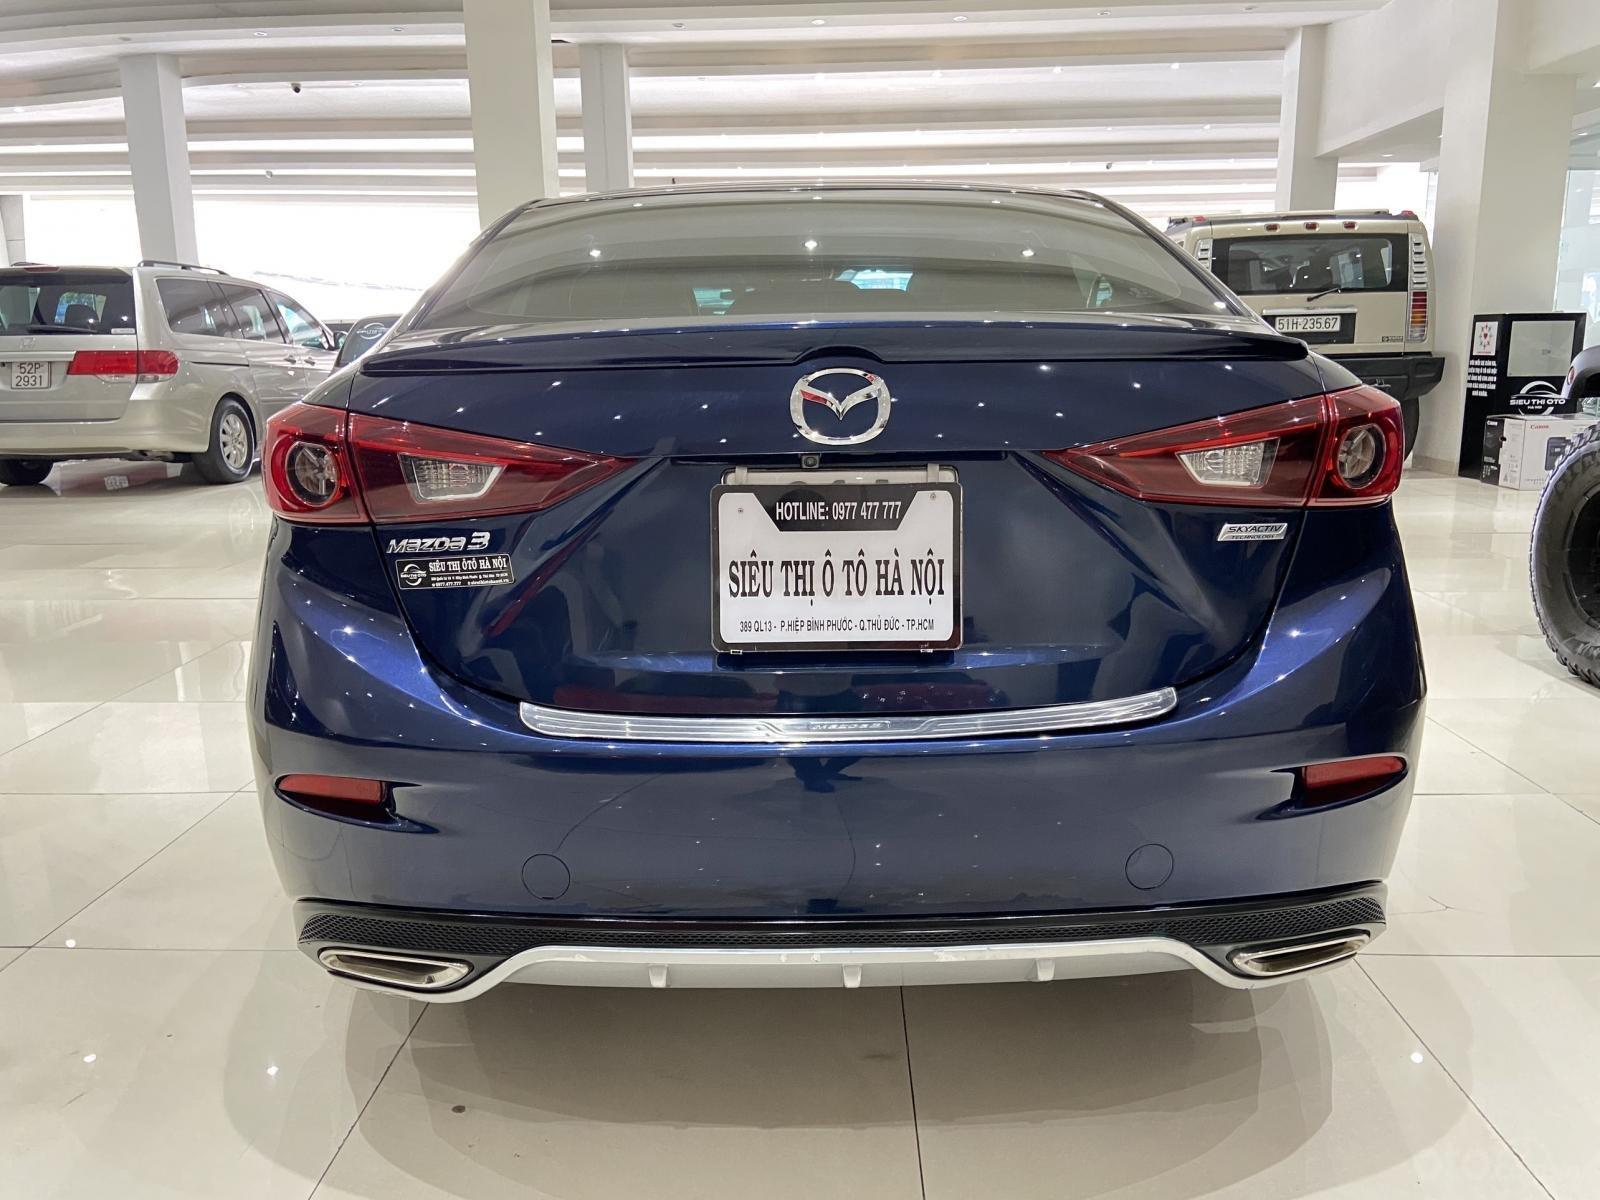 Bán xe Mazda 3 năm sản xuất 2019, xe màu xanh lam, xe gia đình mới đi 25.000 km (4)